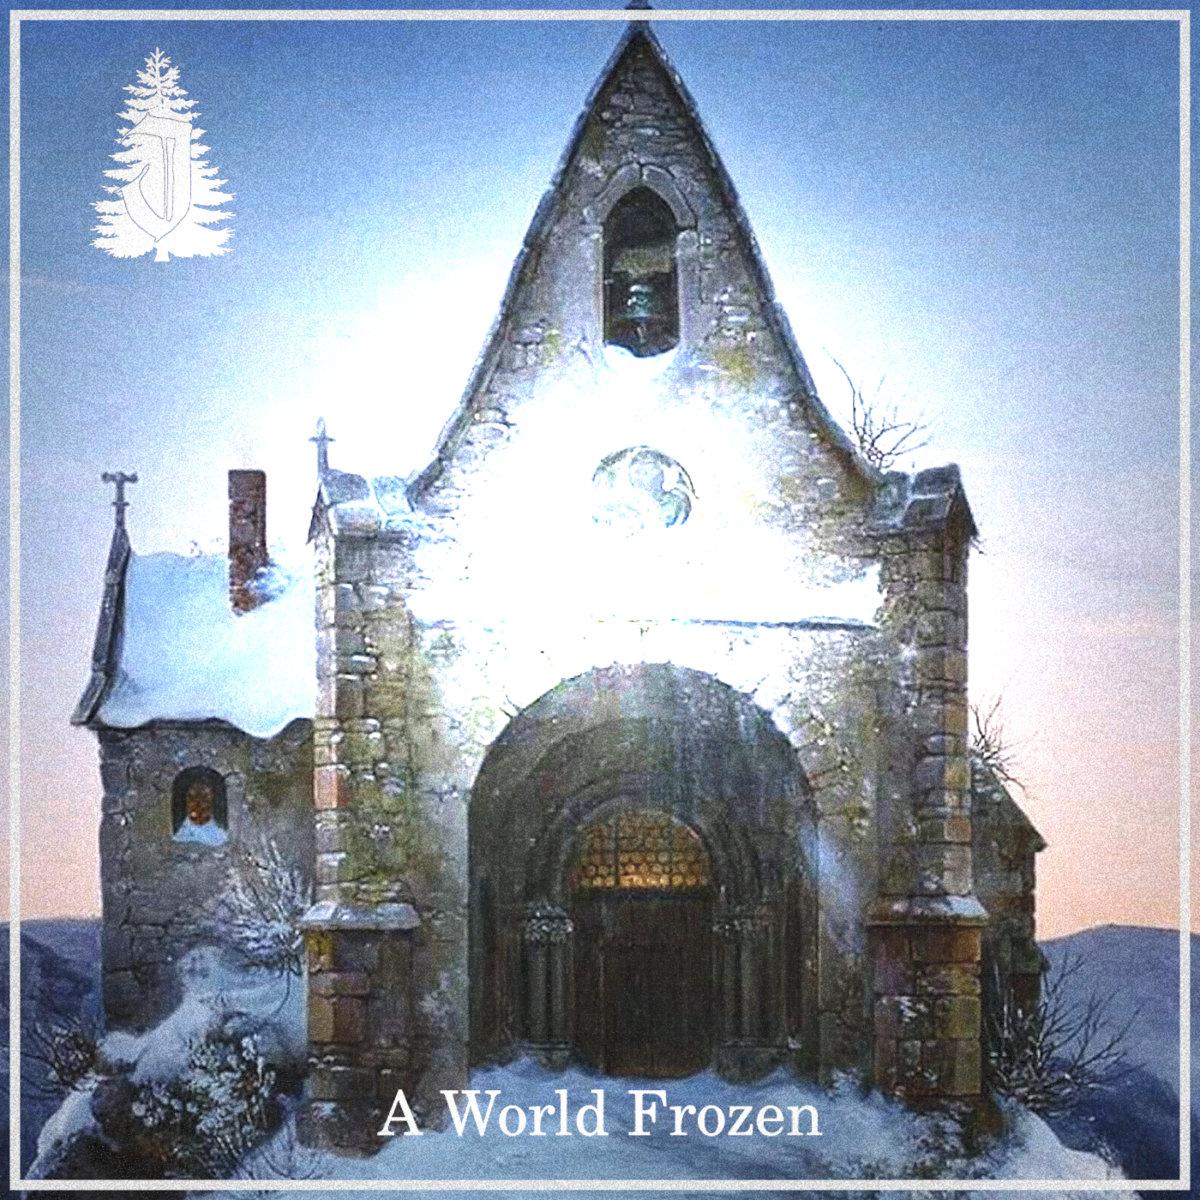 A World Frozen